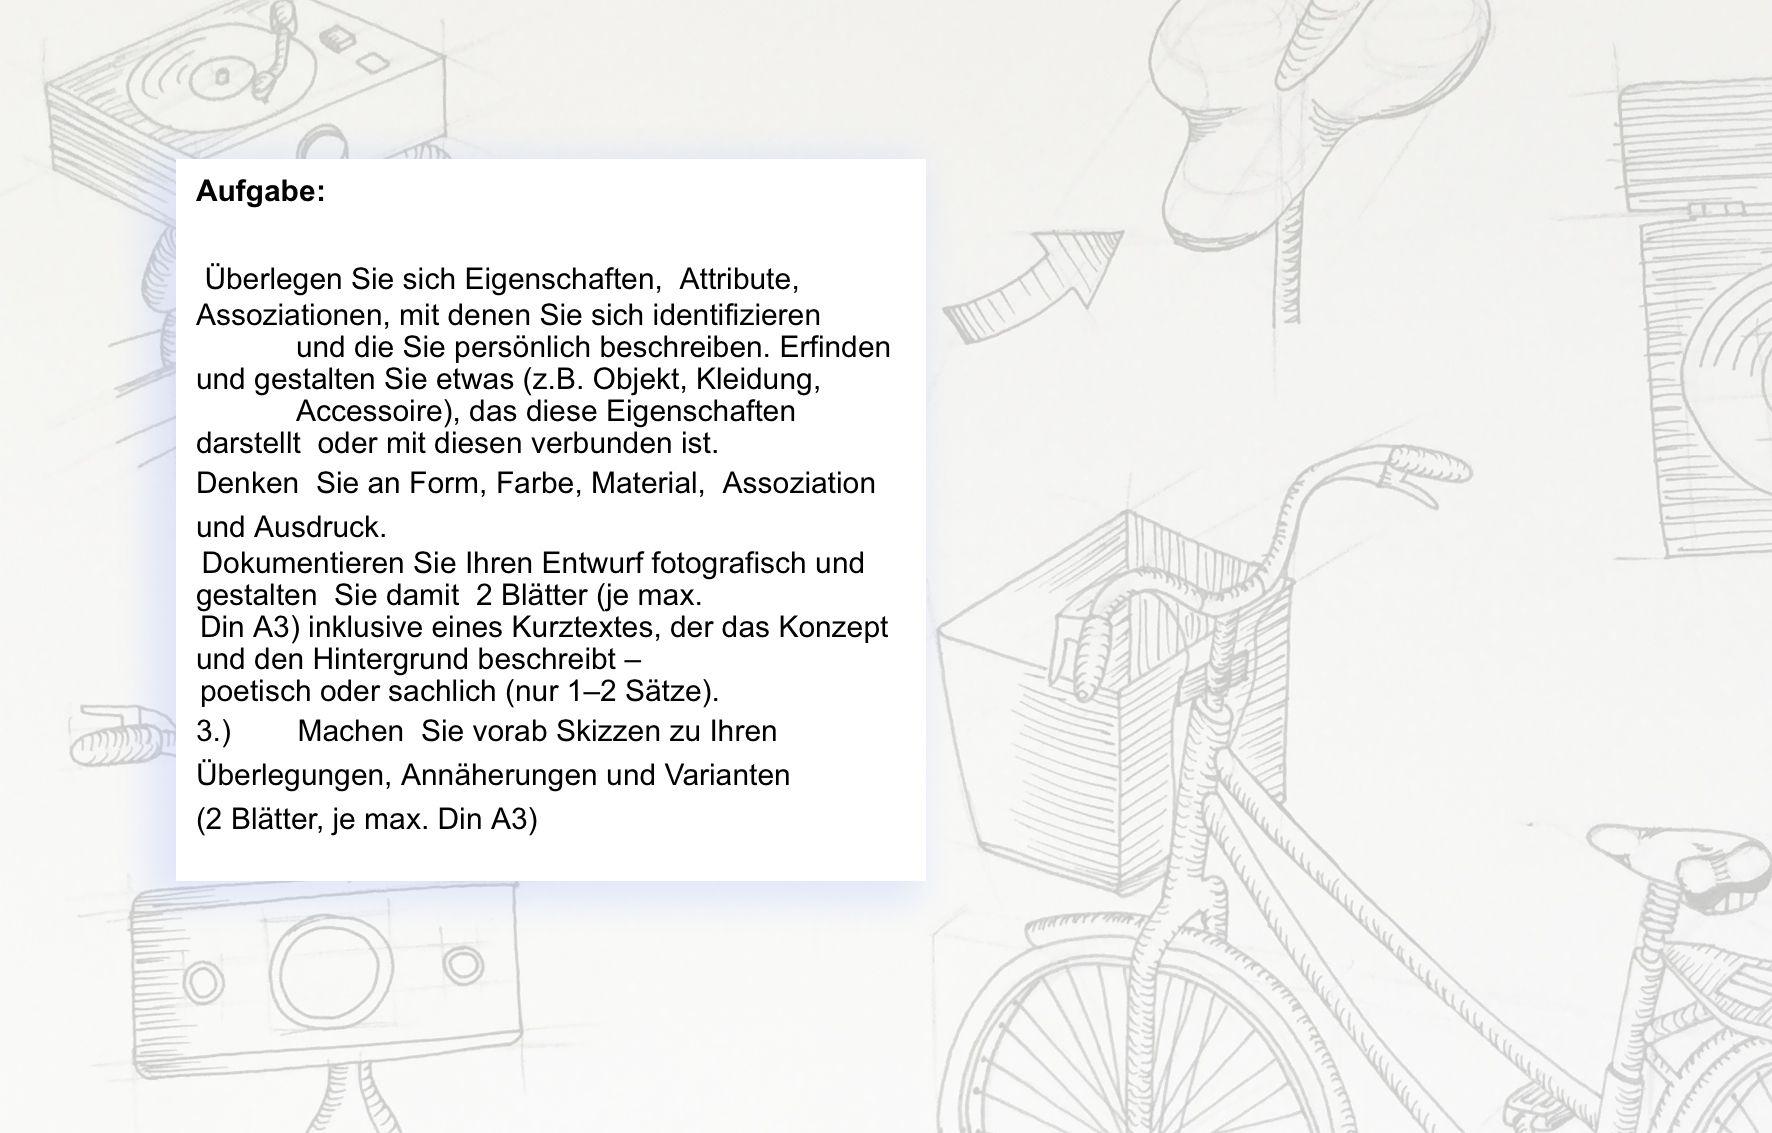 Produkt Design Berlin für alle die interesse daran haben wie eine hausaufgabe der udk